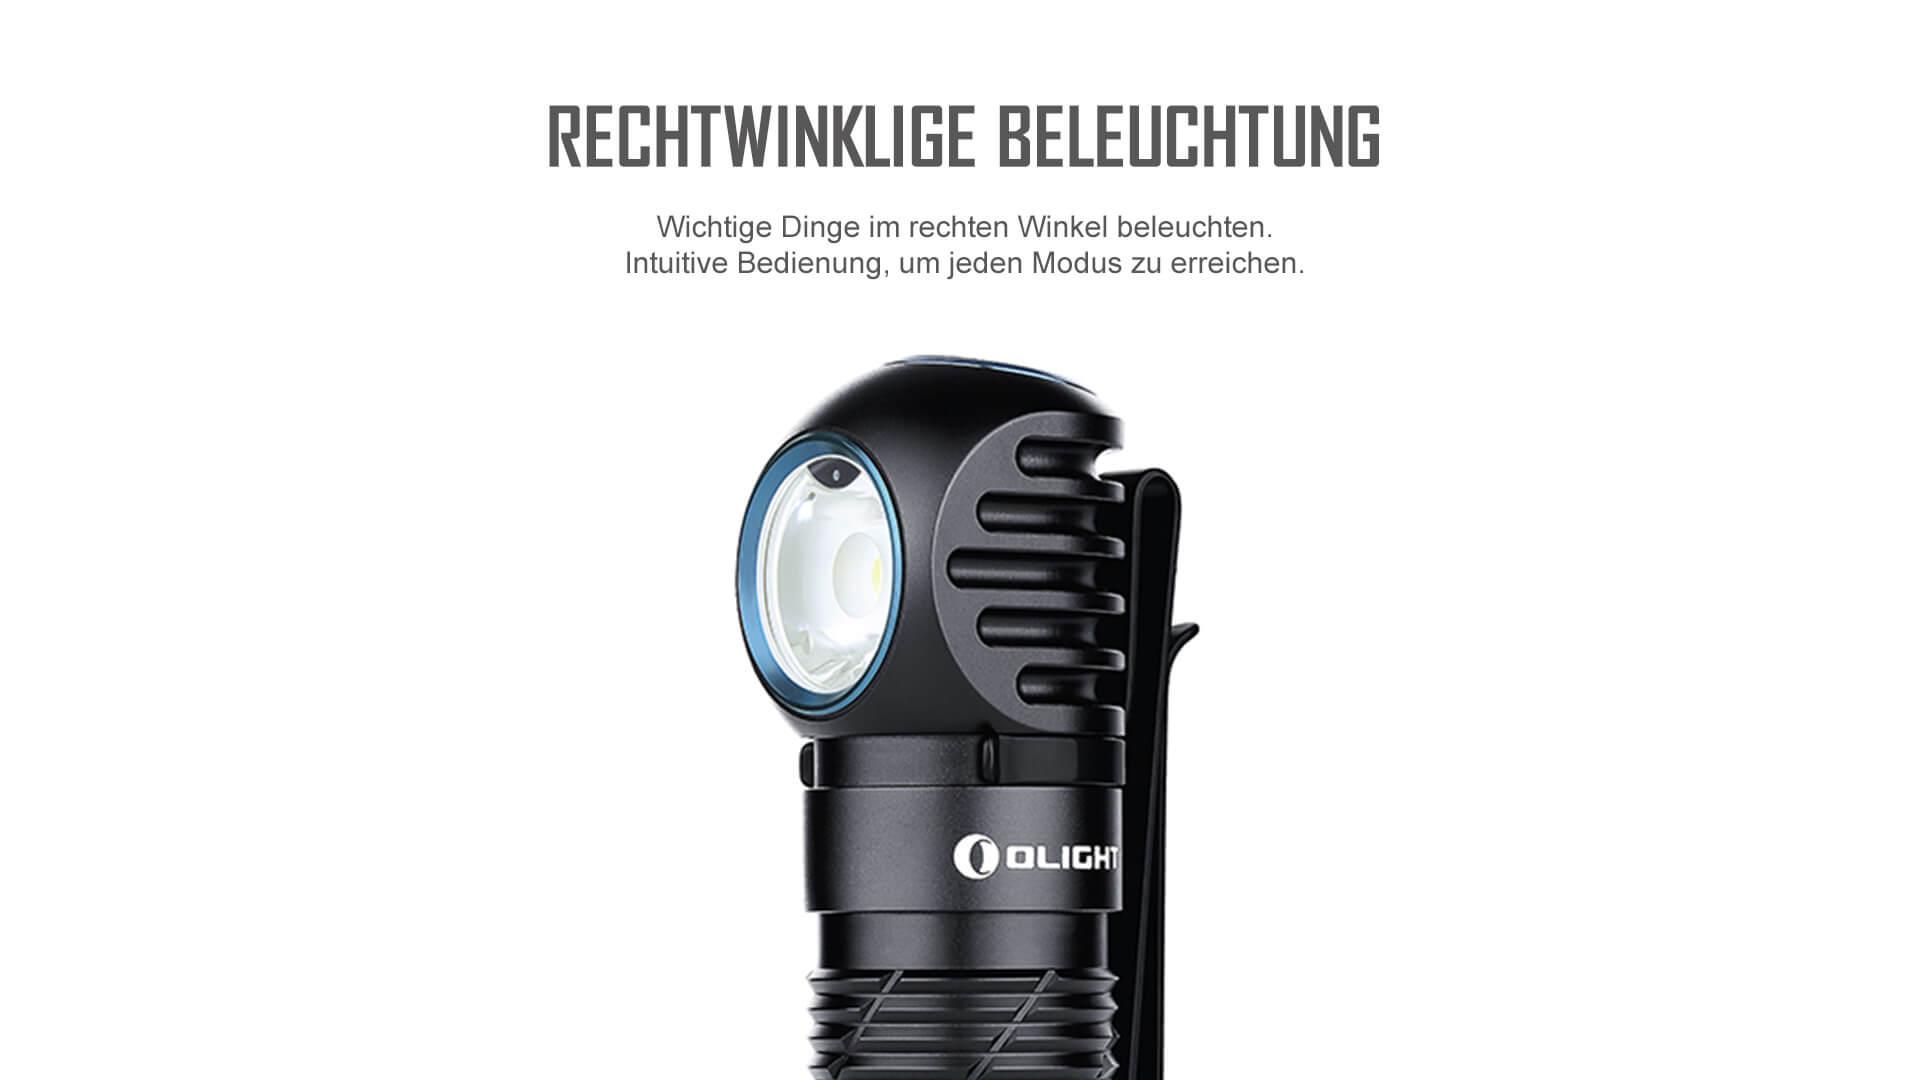 Rechtwinklige Beleuchtung der Perun 2 Stirnlampe